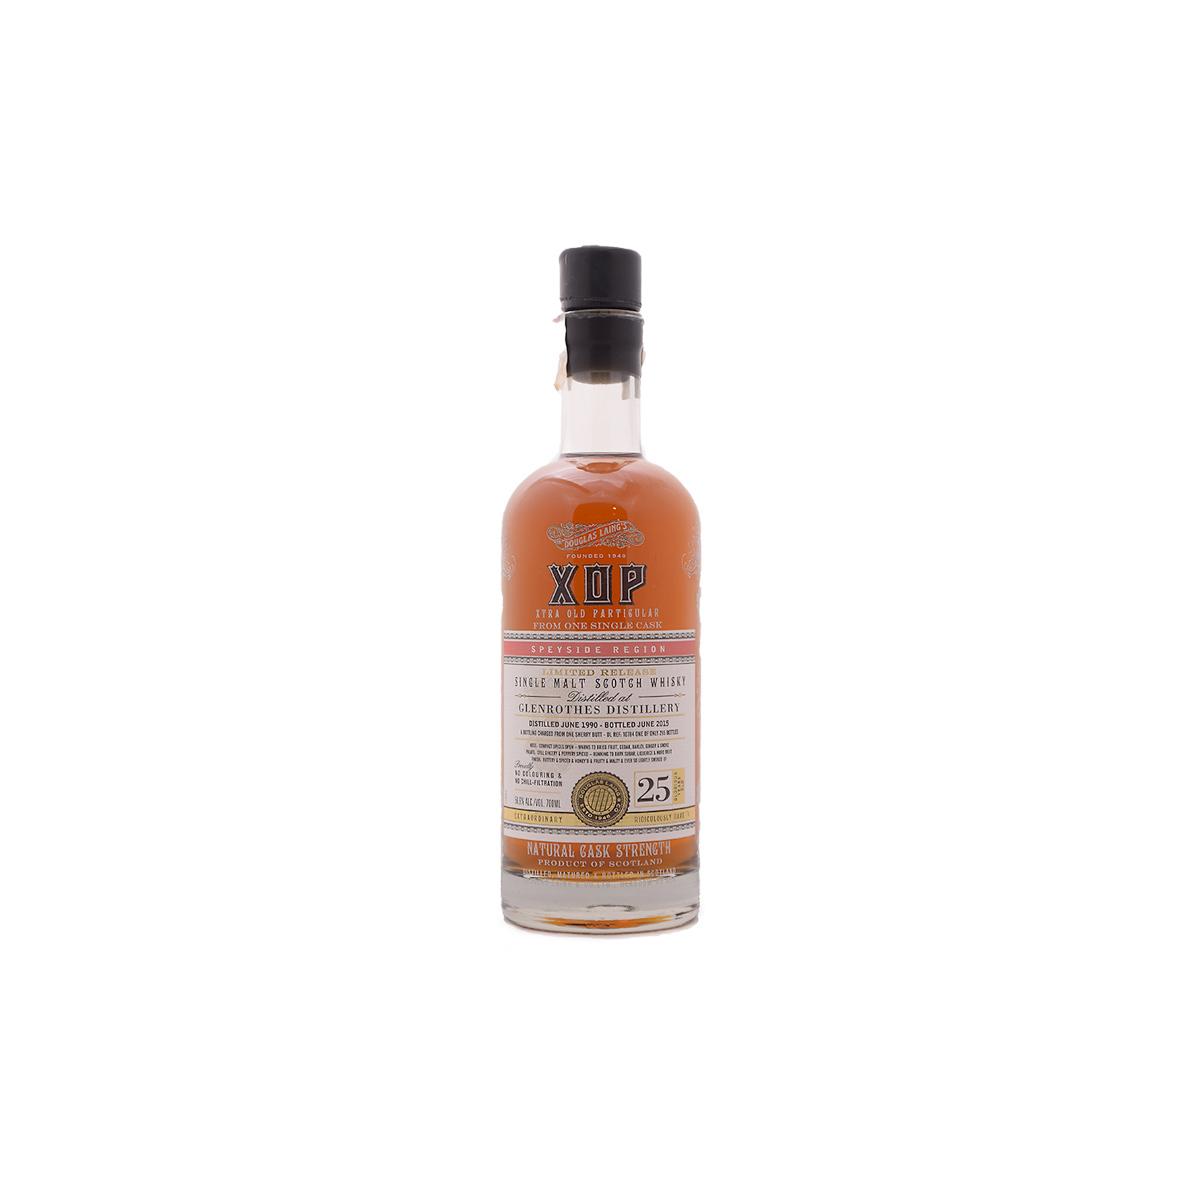 XOP Glenrothes 25 YO (56.6%) - 30 ml.